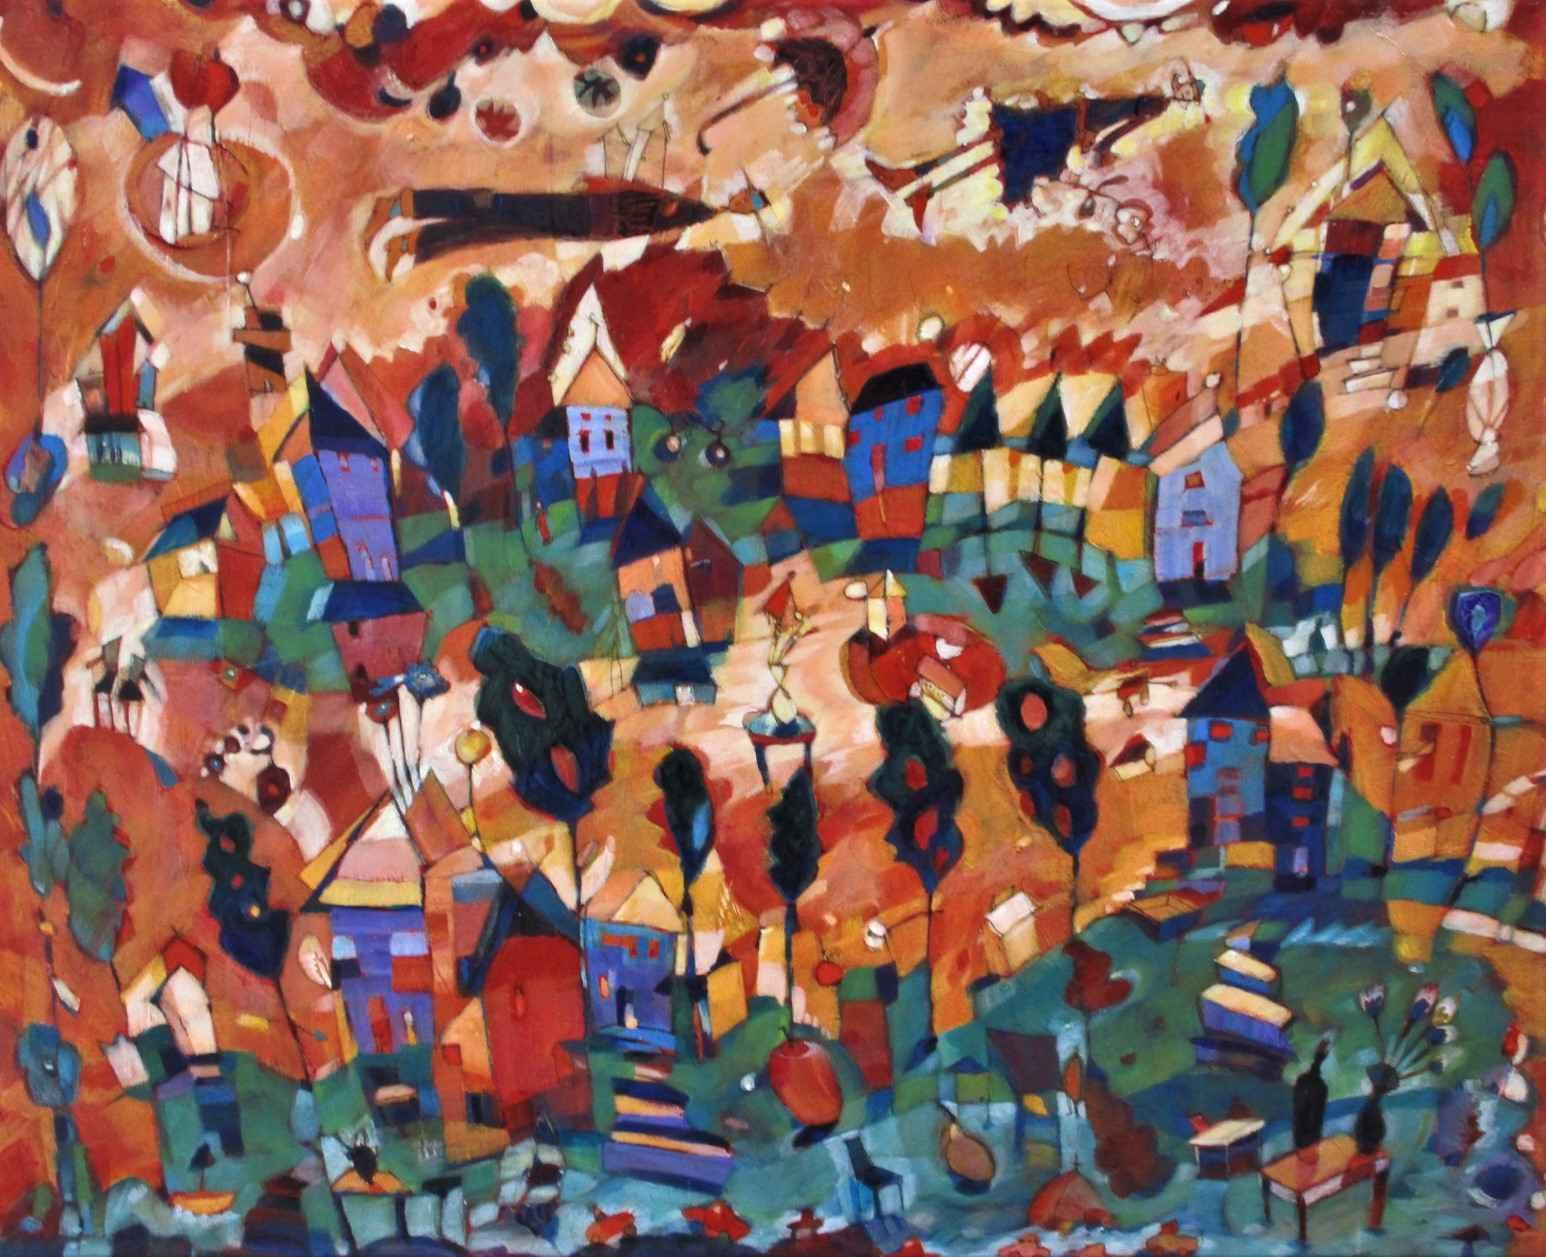 Untitled (urban scene) by  Diane Culhane - Masterpiece Online